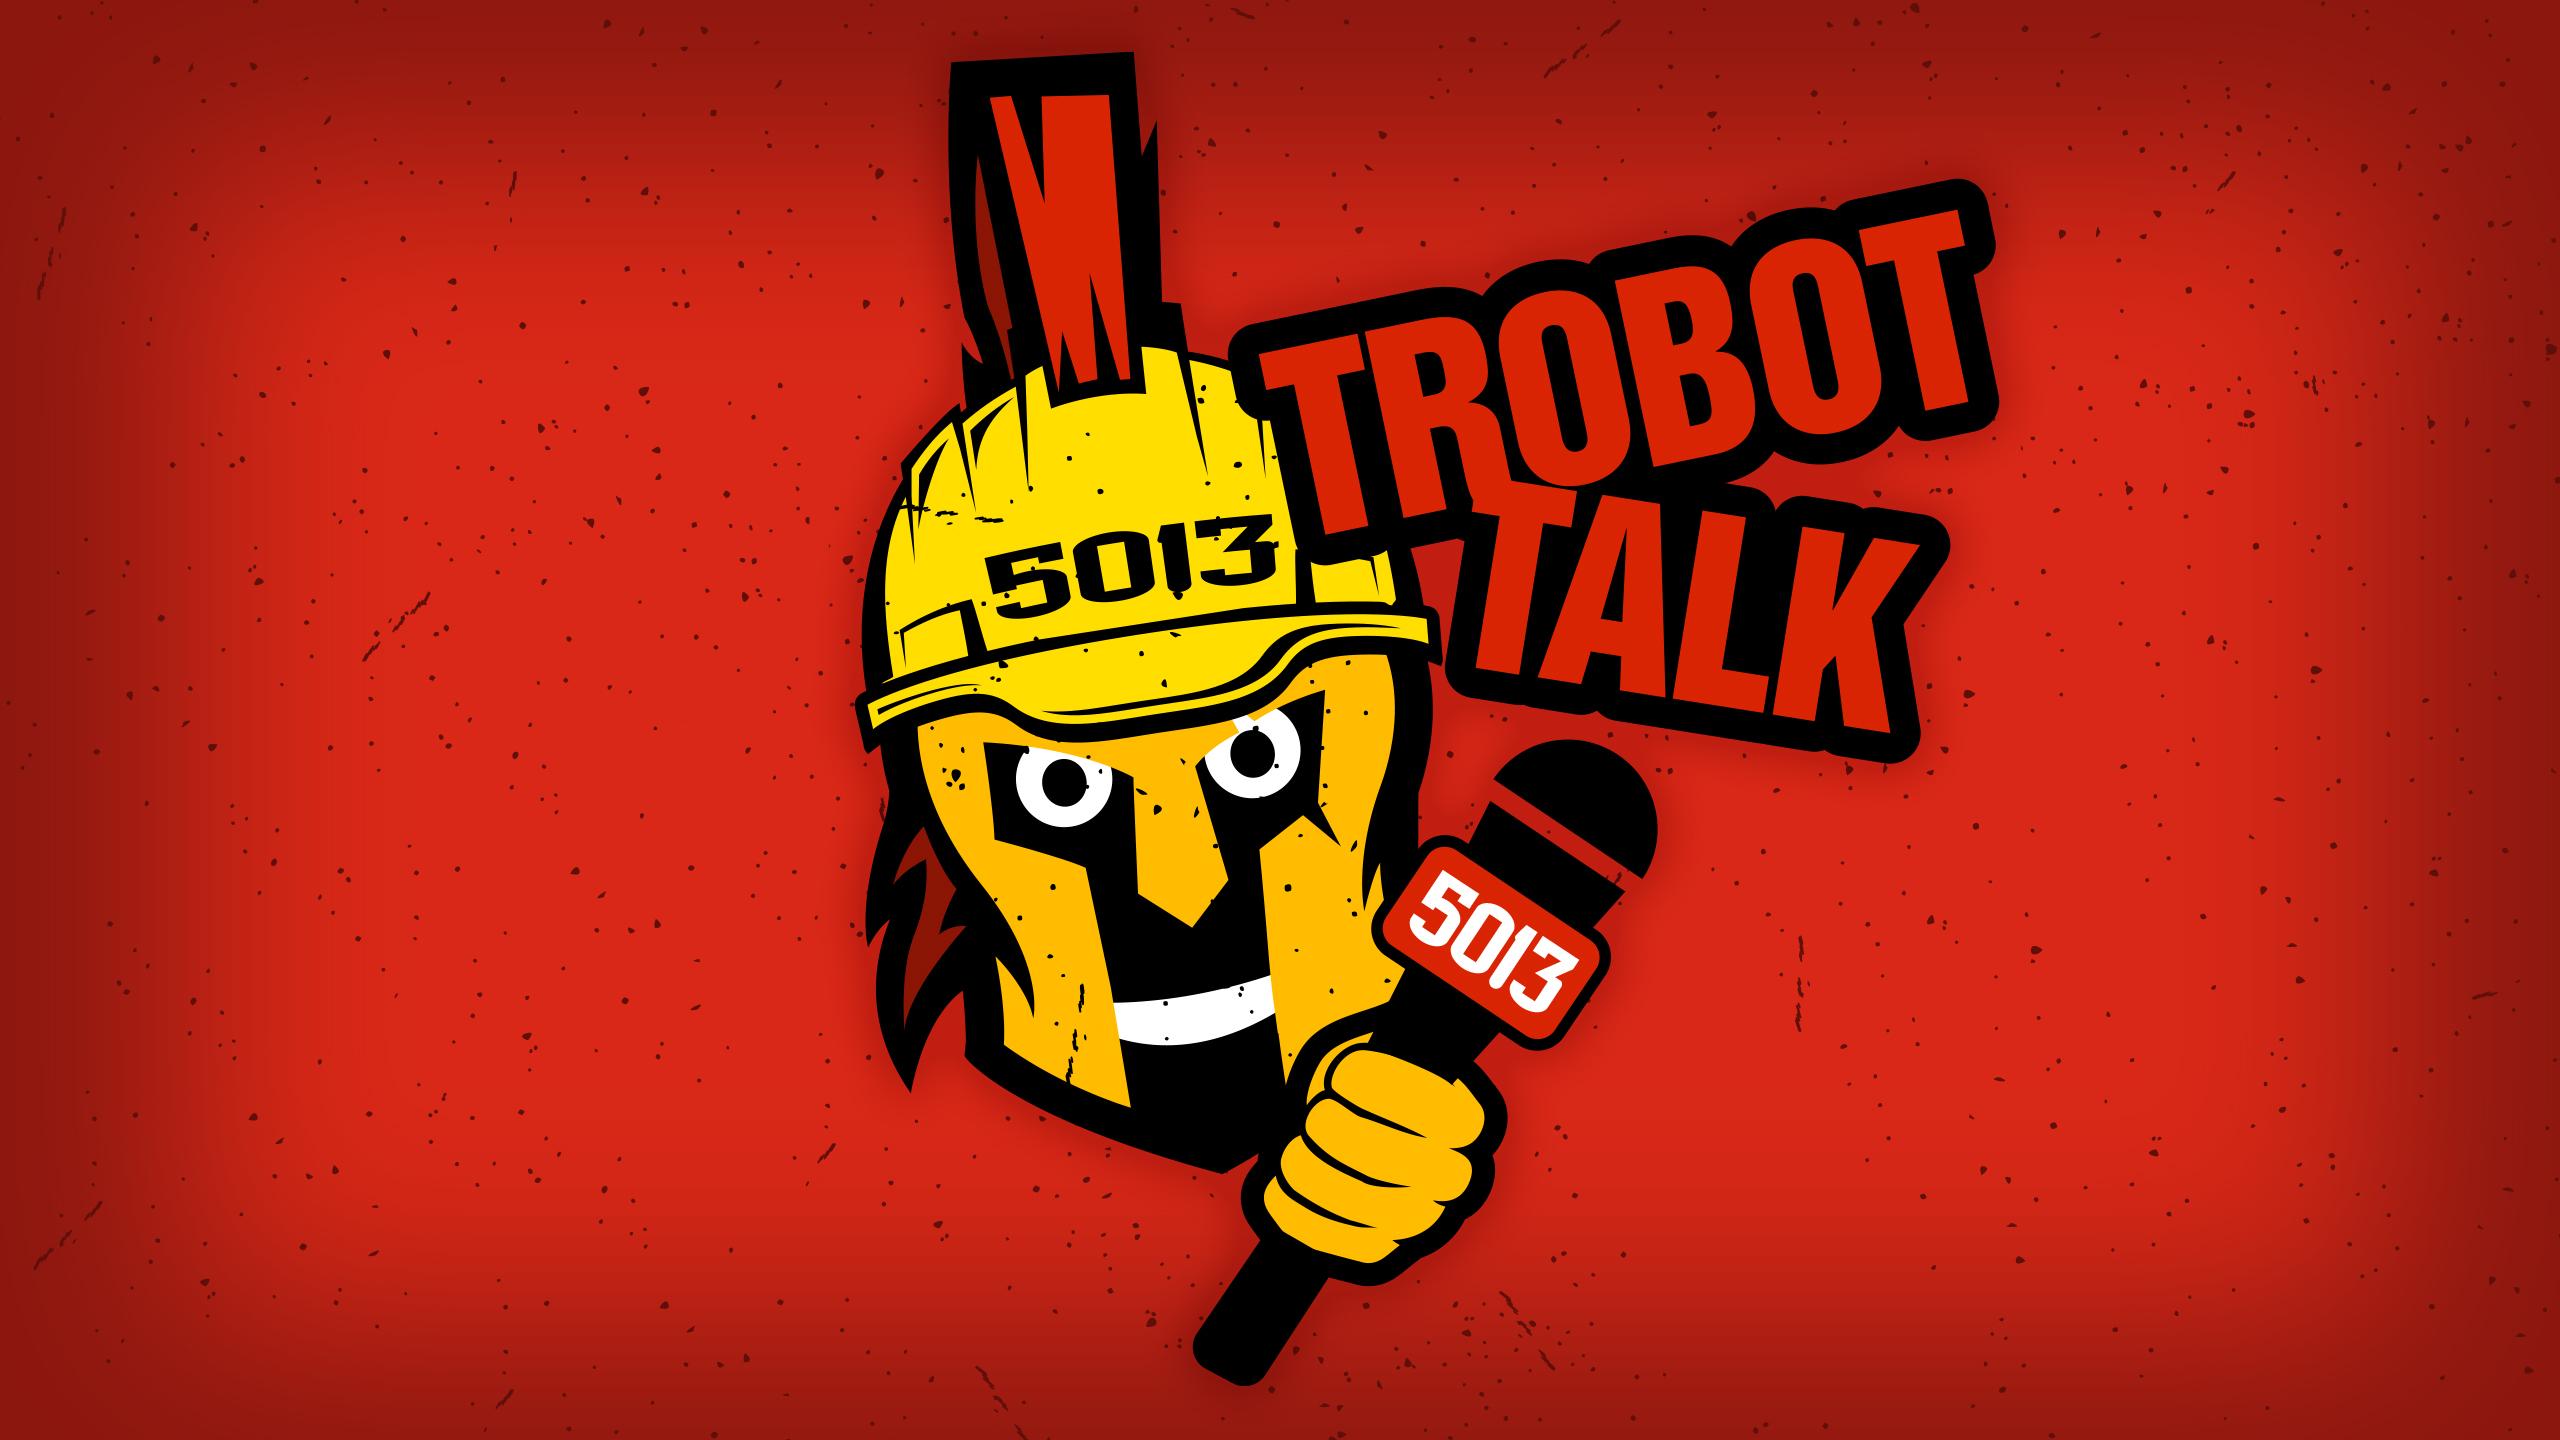 TrobotTalk